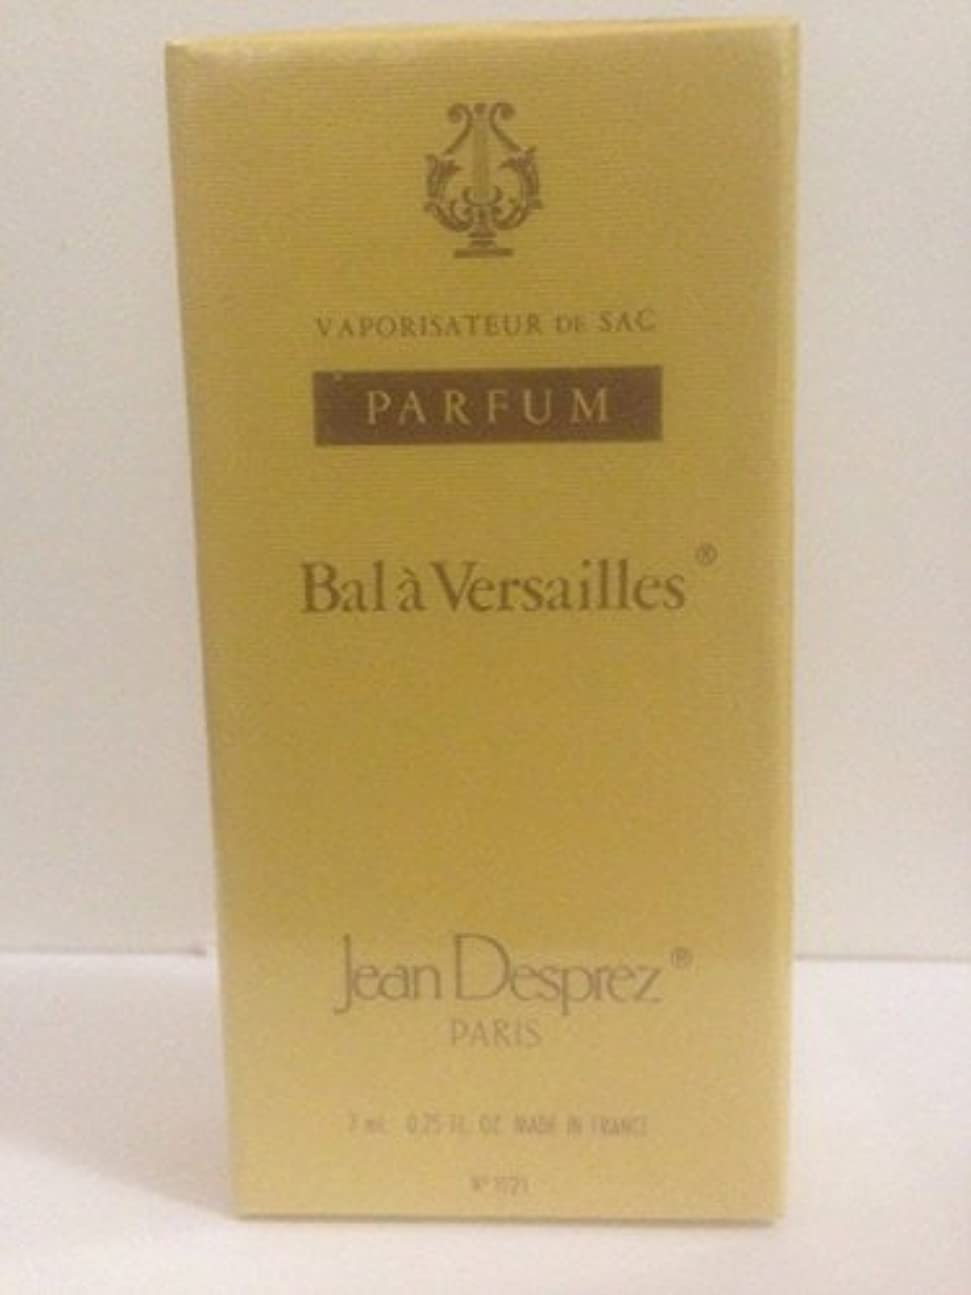 忘れる脱走読むBal A Versailles (バラ ベルサイユ) 0.25 oz (7ml) Deluxe Parfum (純粋香水) by Jean Desprez for Women